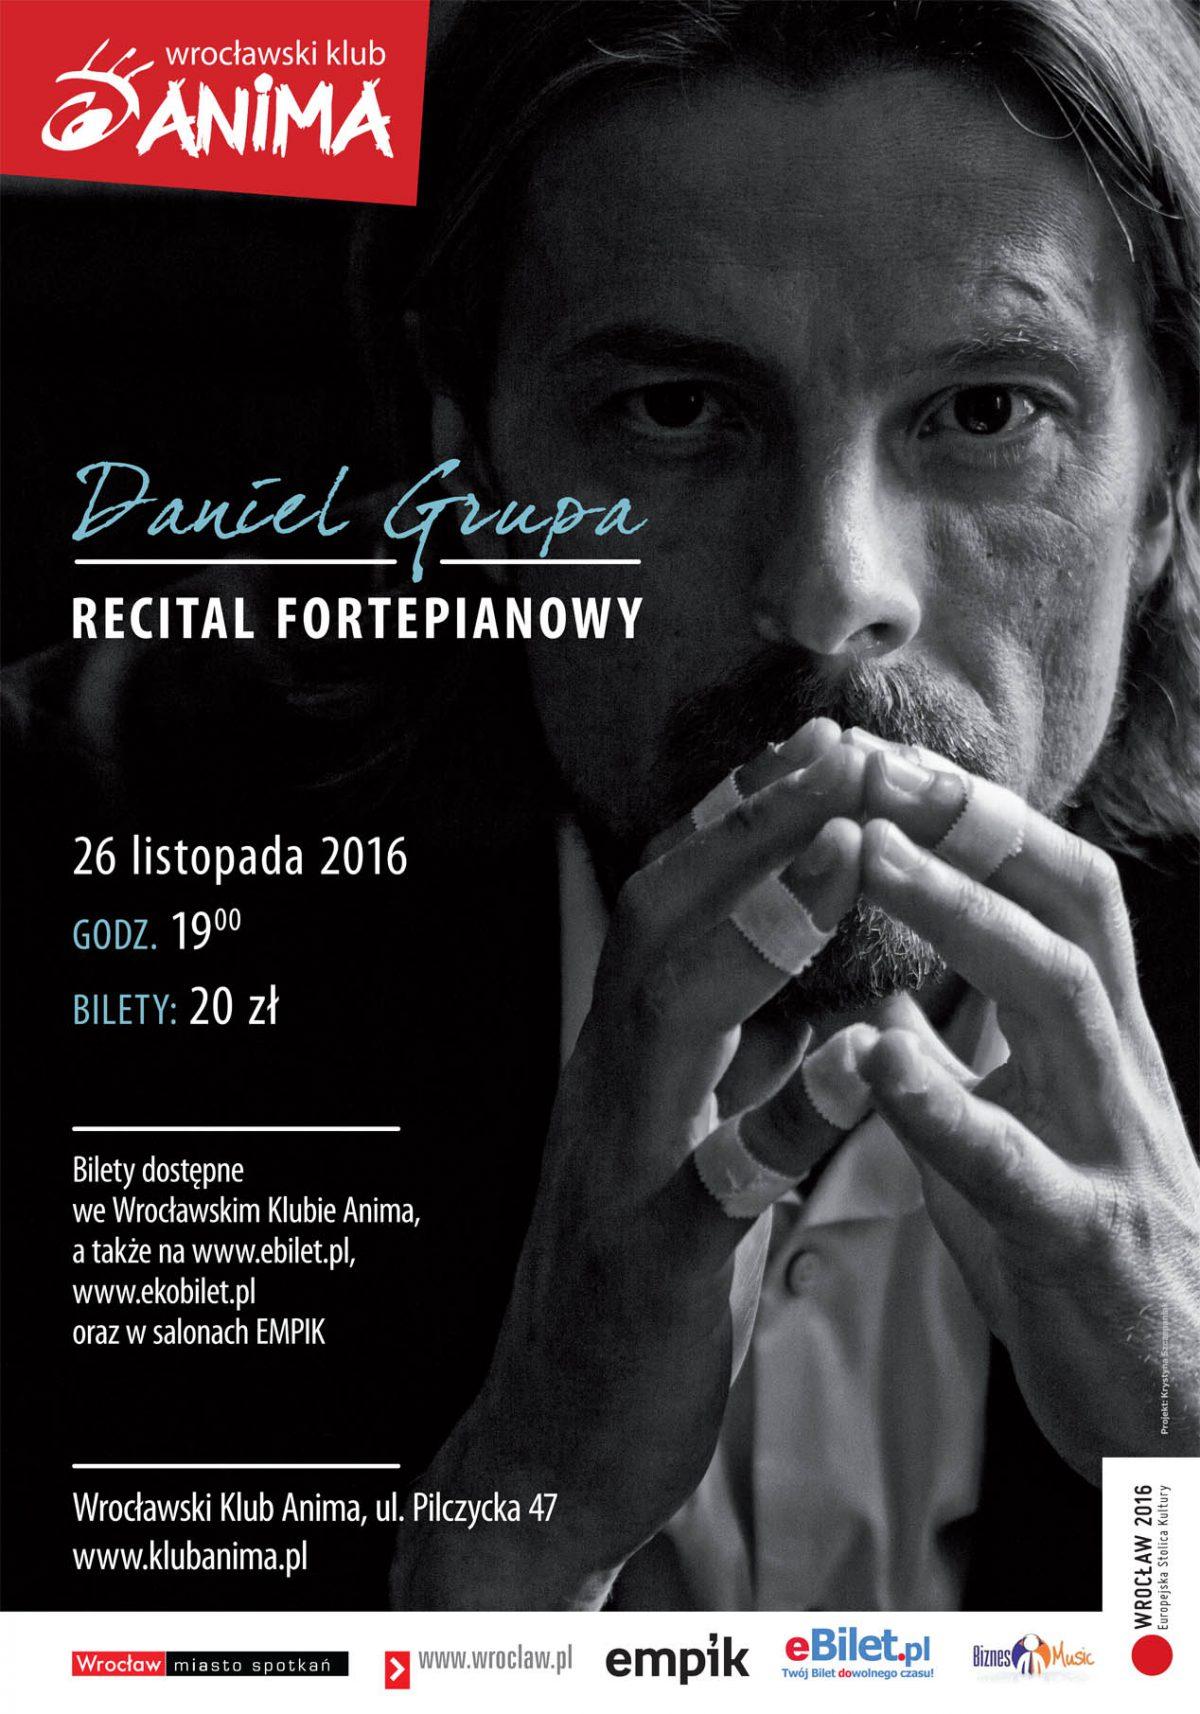 Recital fortepianowy Daniela Grupy